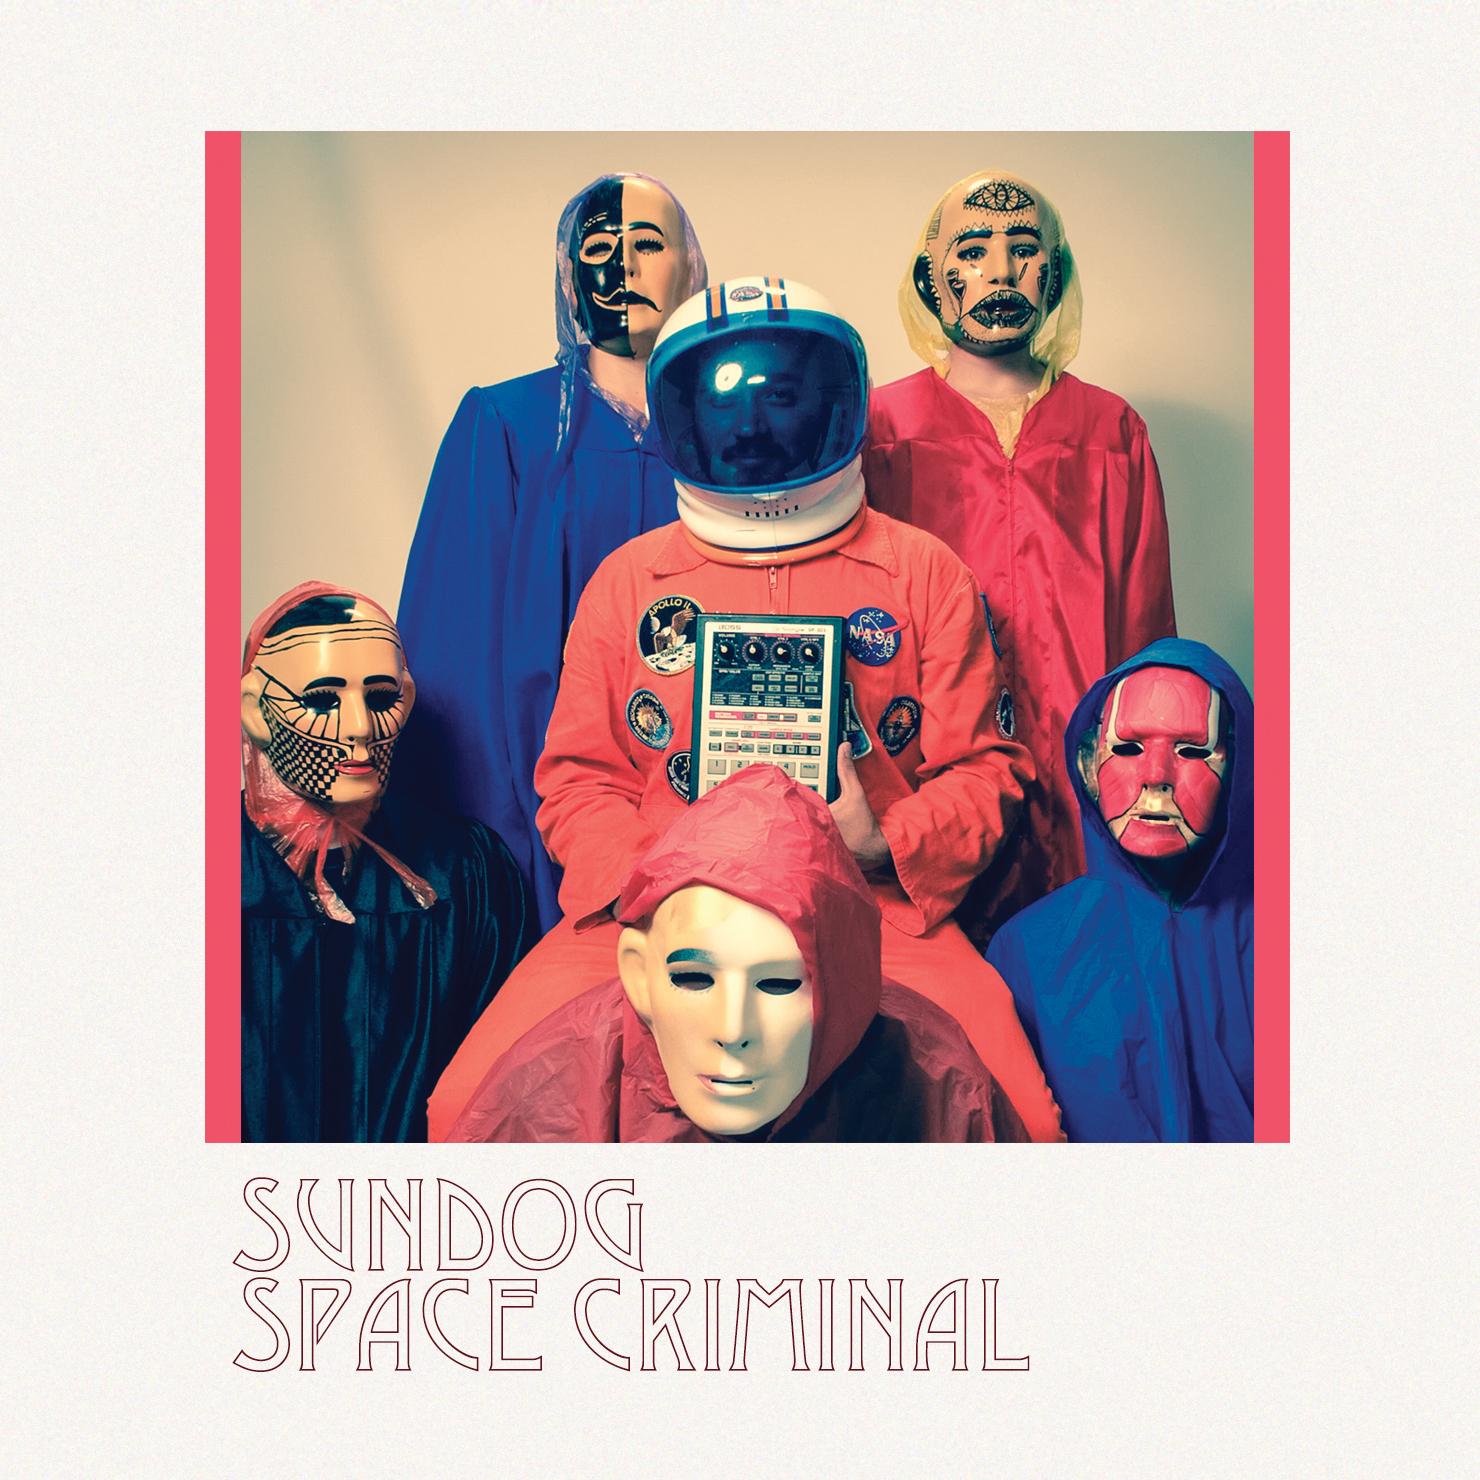 SUNDOG - SPACE CRIMINAL